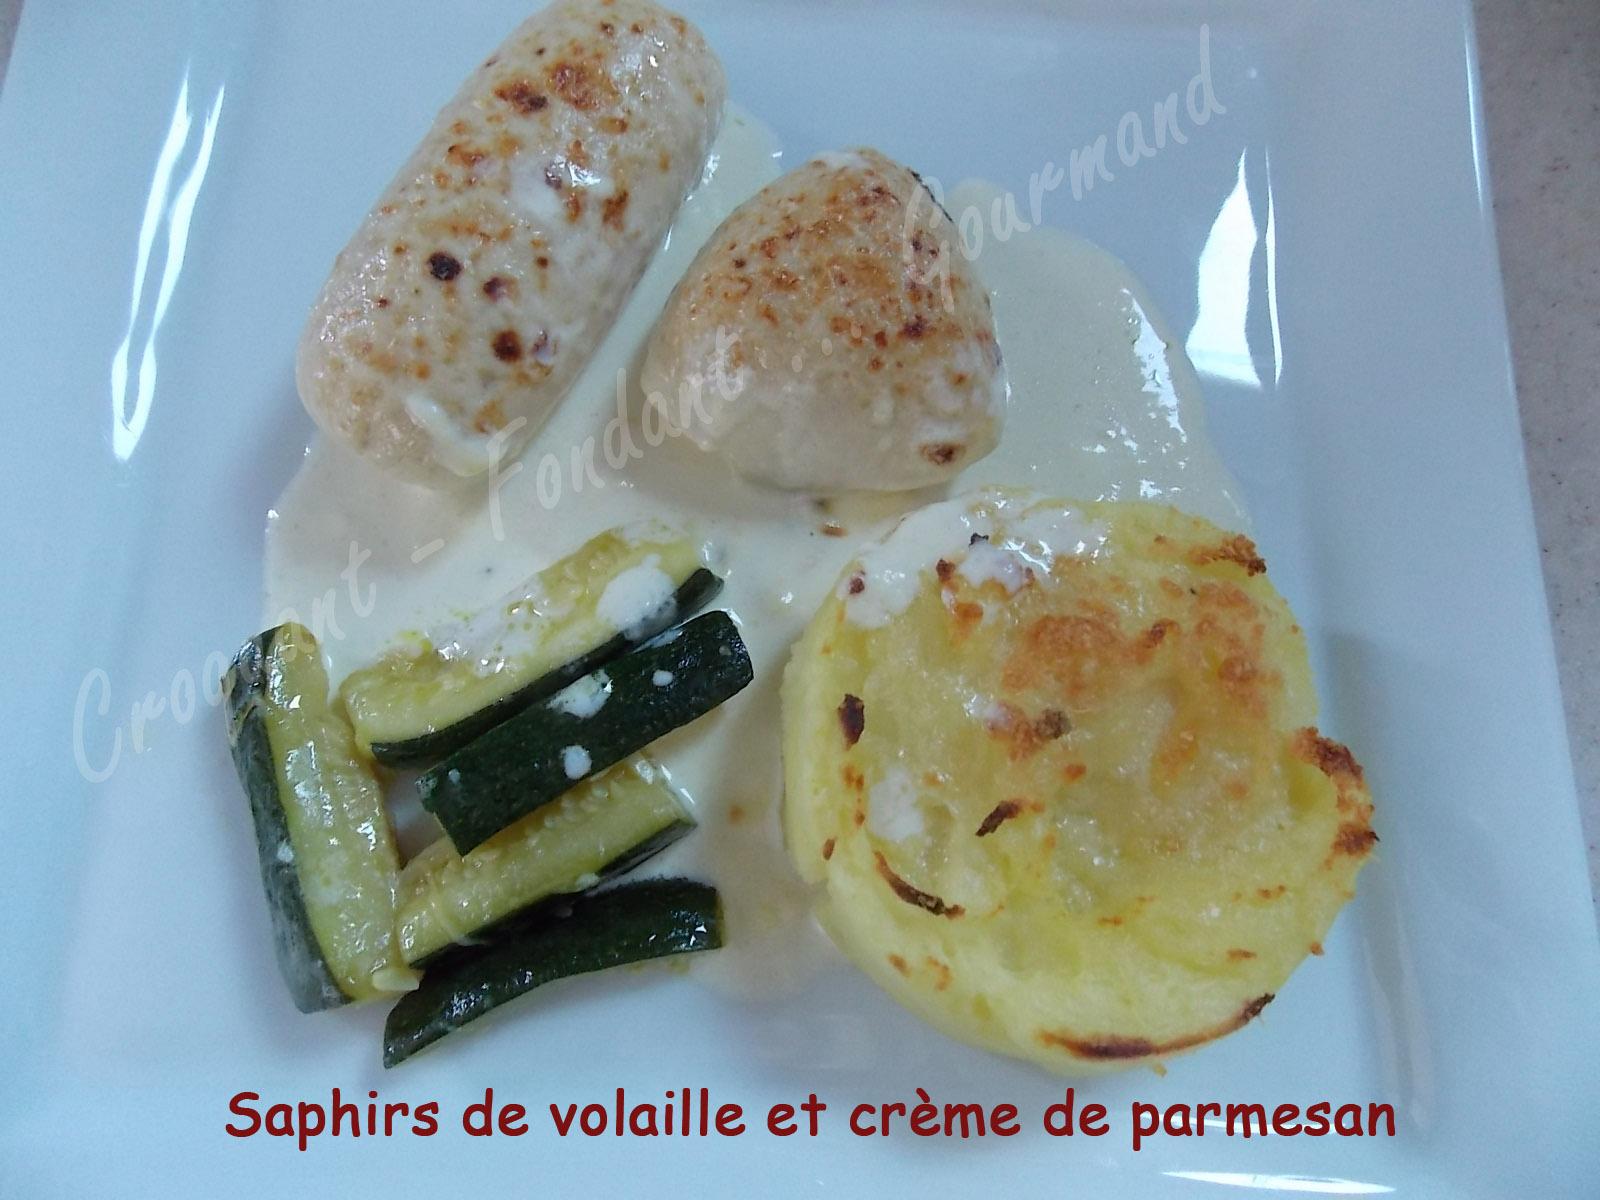 Saphirs de volaille et crème de parmesan DSCN7572_27714